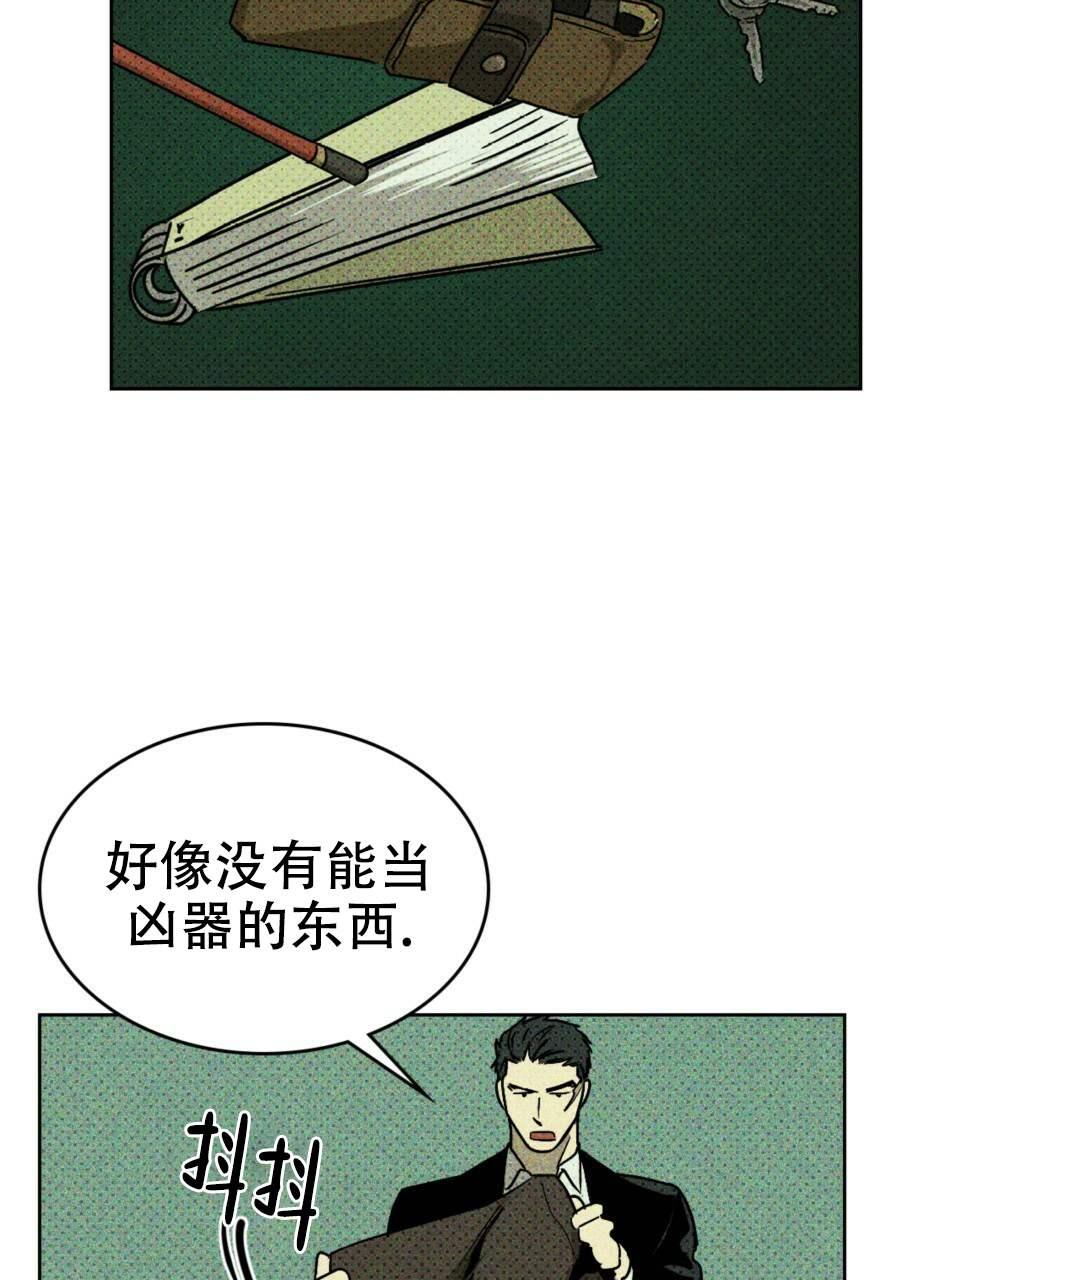 韩漫  《绿色镌像》这男人竟该死的甜美~纯情男大学生x黑帮大佬  第18张